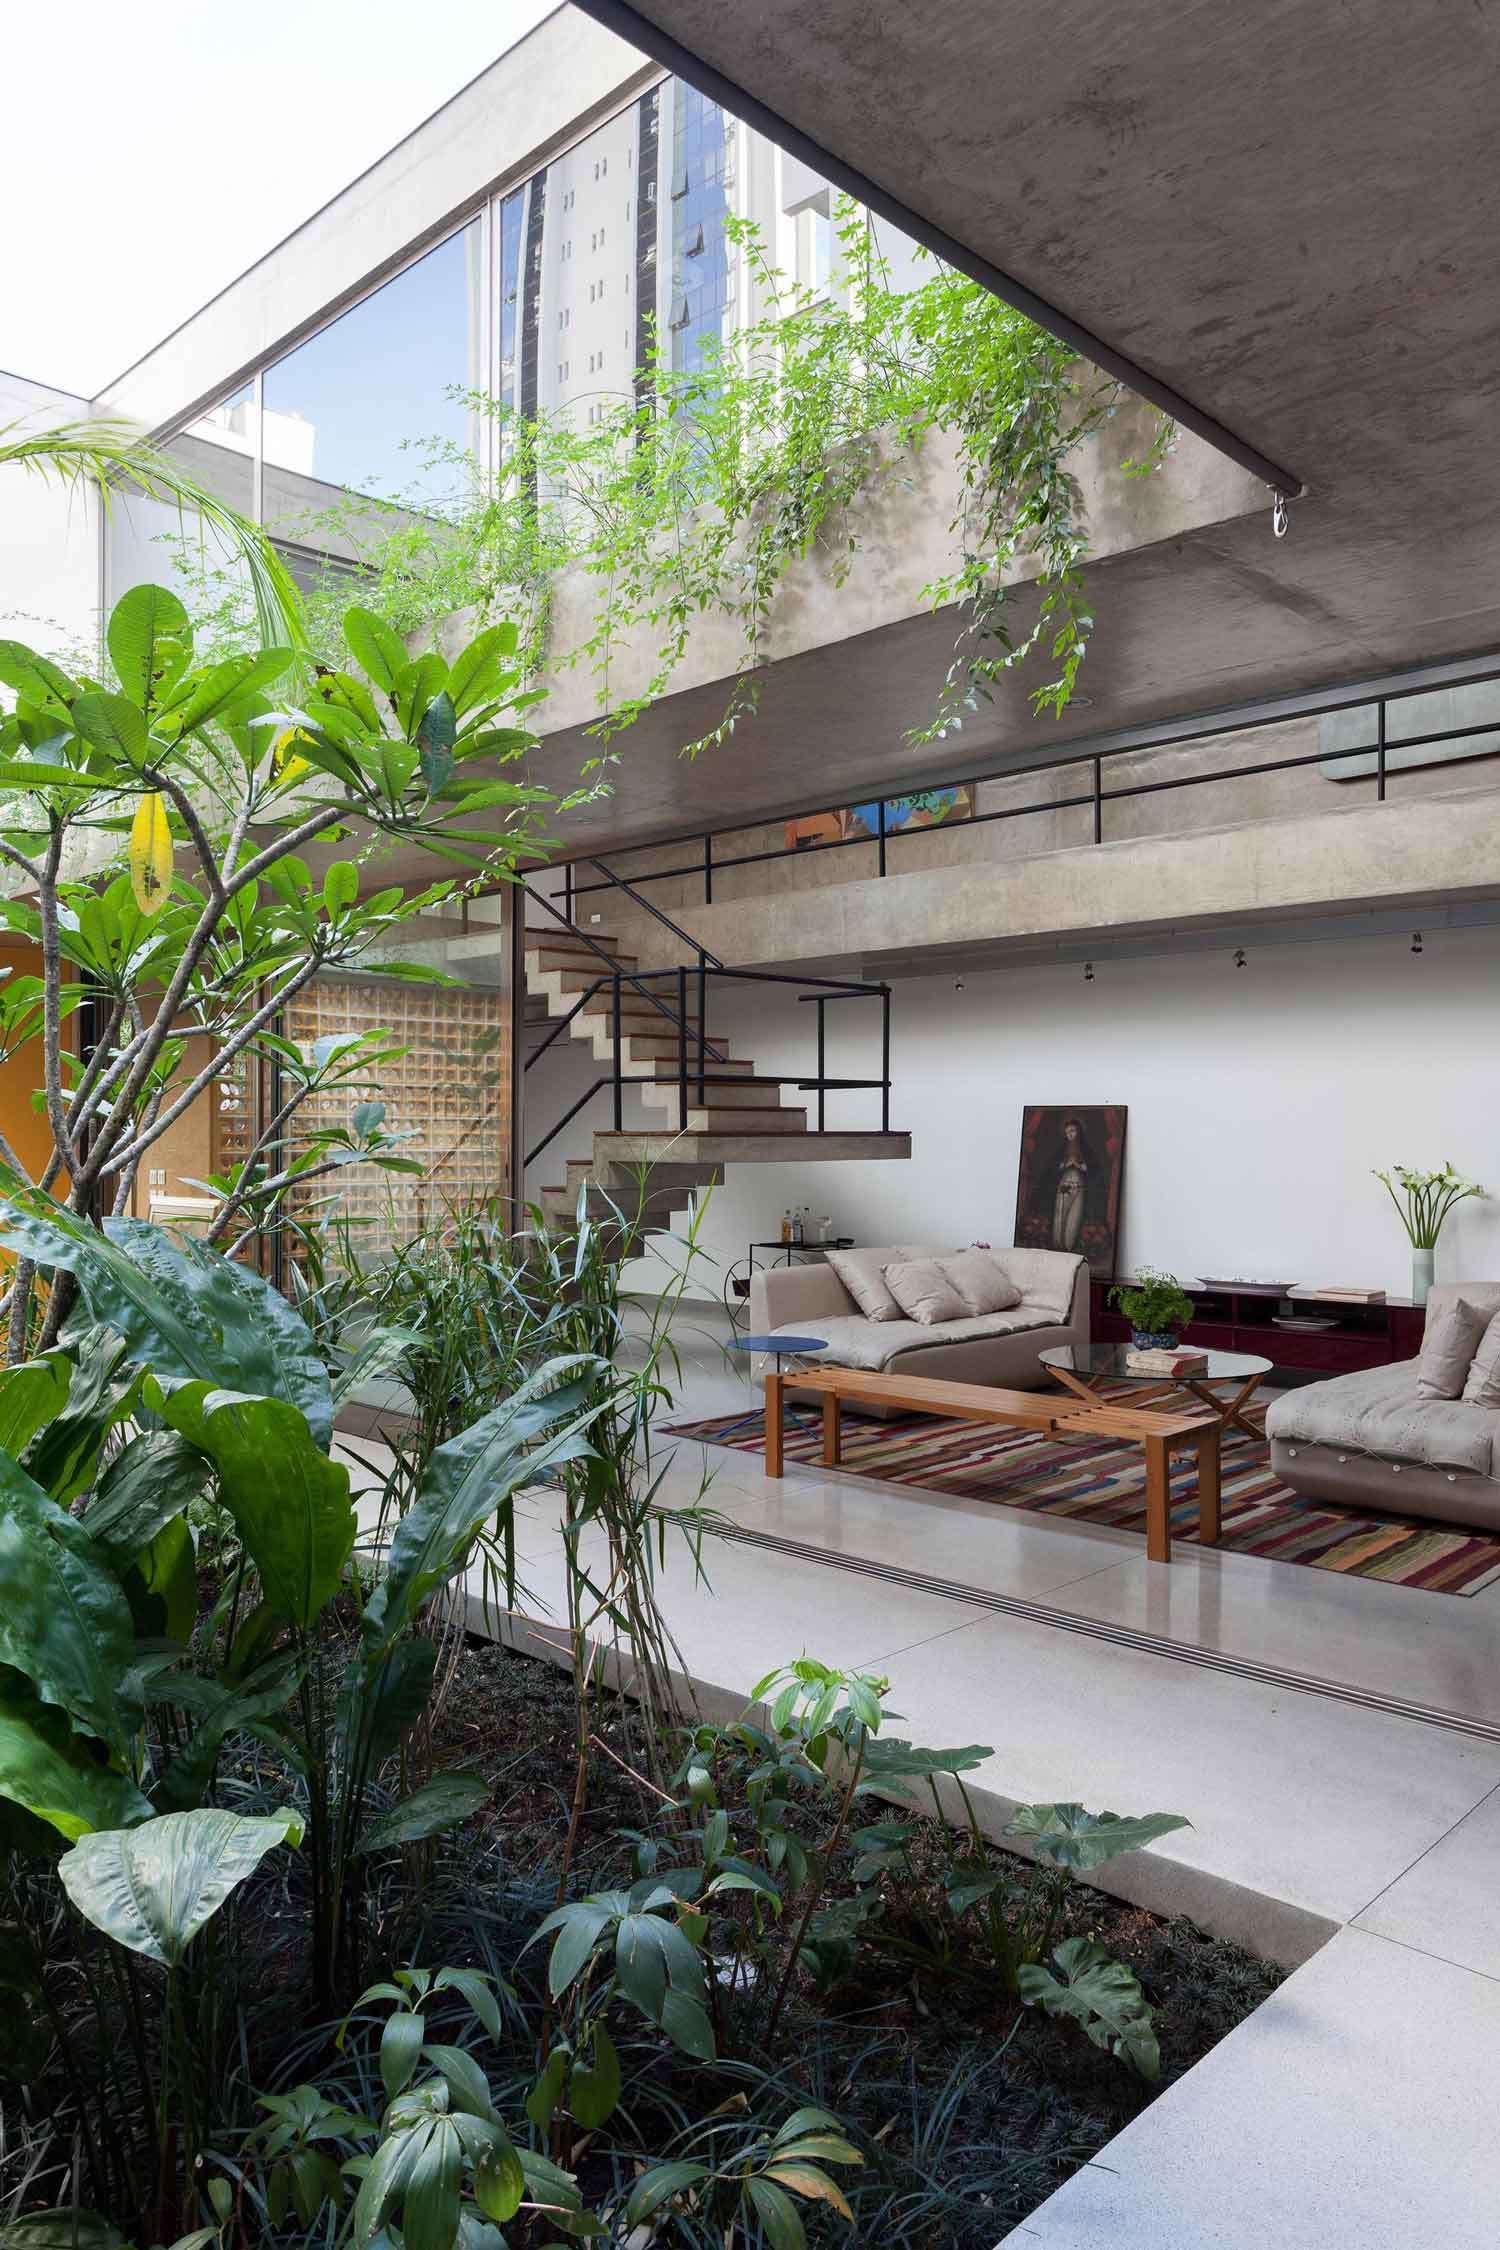 Jardins house by cr arquitetura in são paulo sao paulo